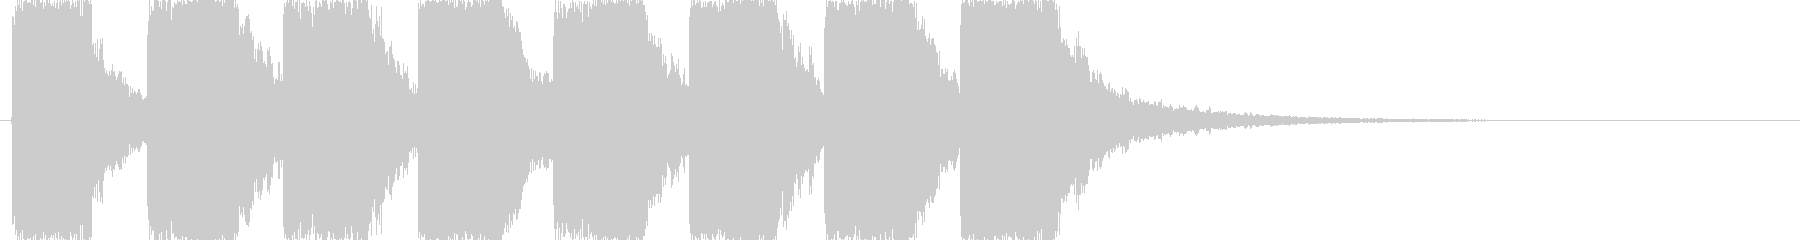 シンセによるアラーム音の未再生の波形